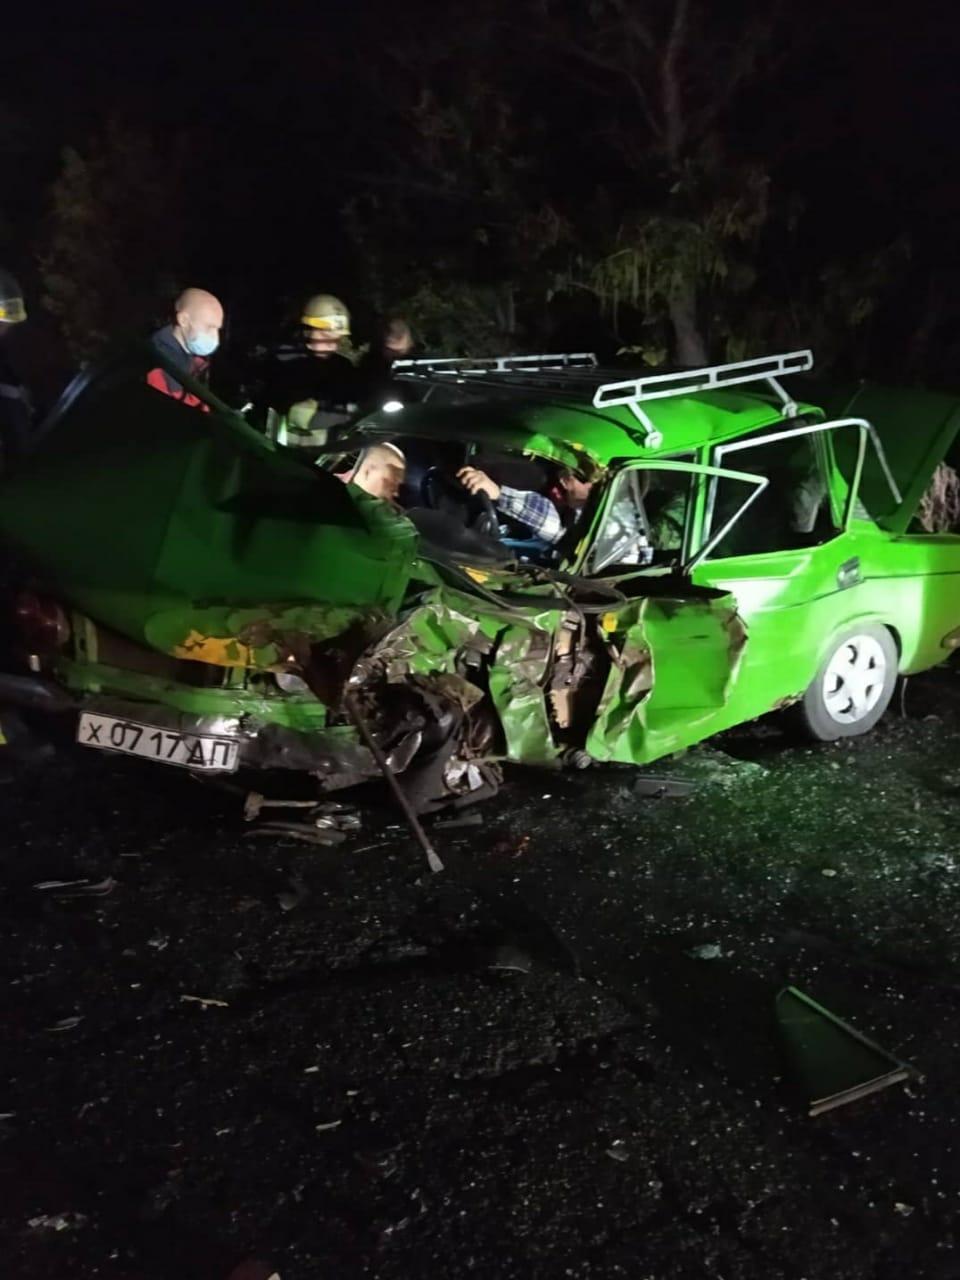 Спасатели деблокировали водителя ВАЗ-2103 из автомобиля